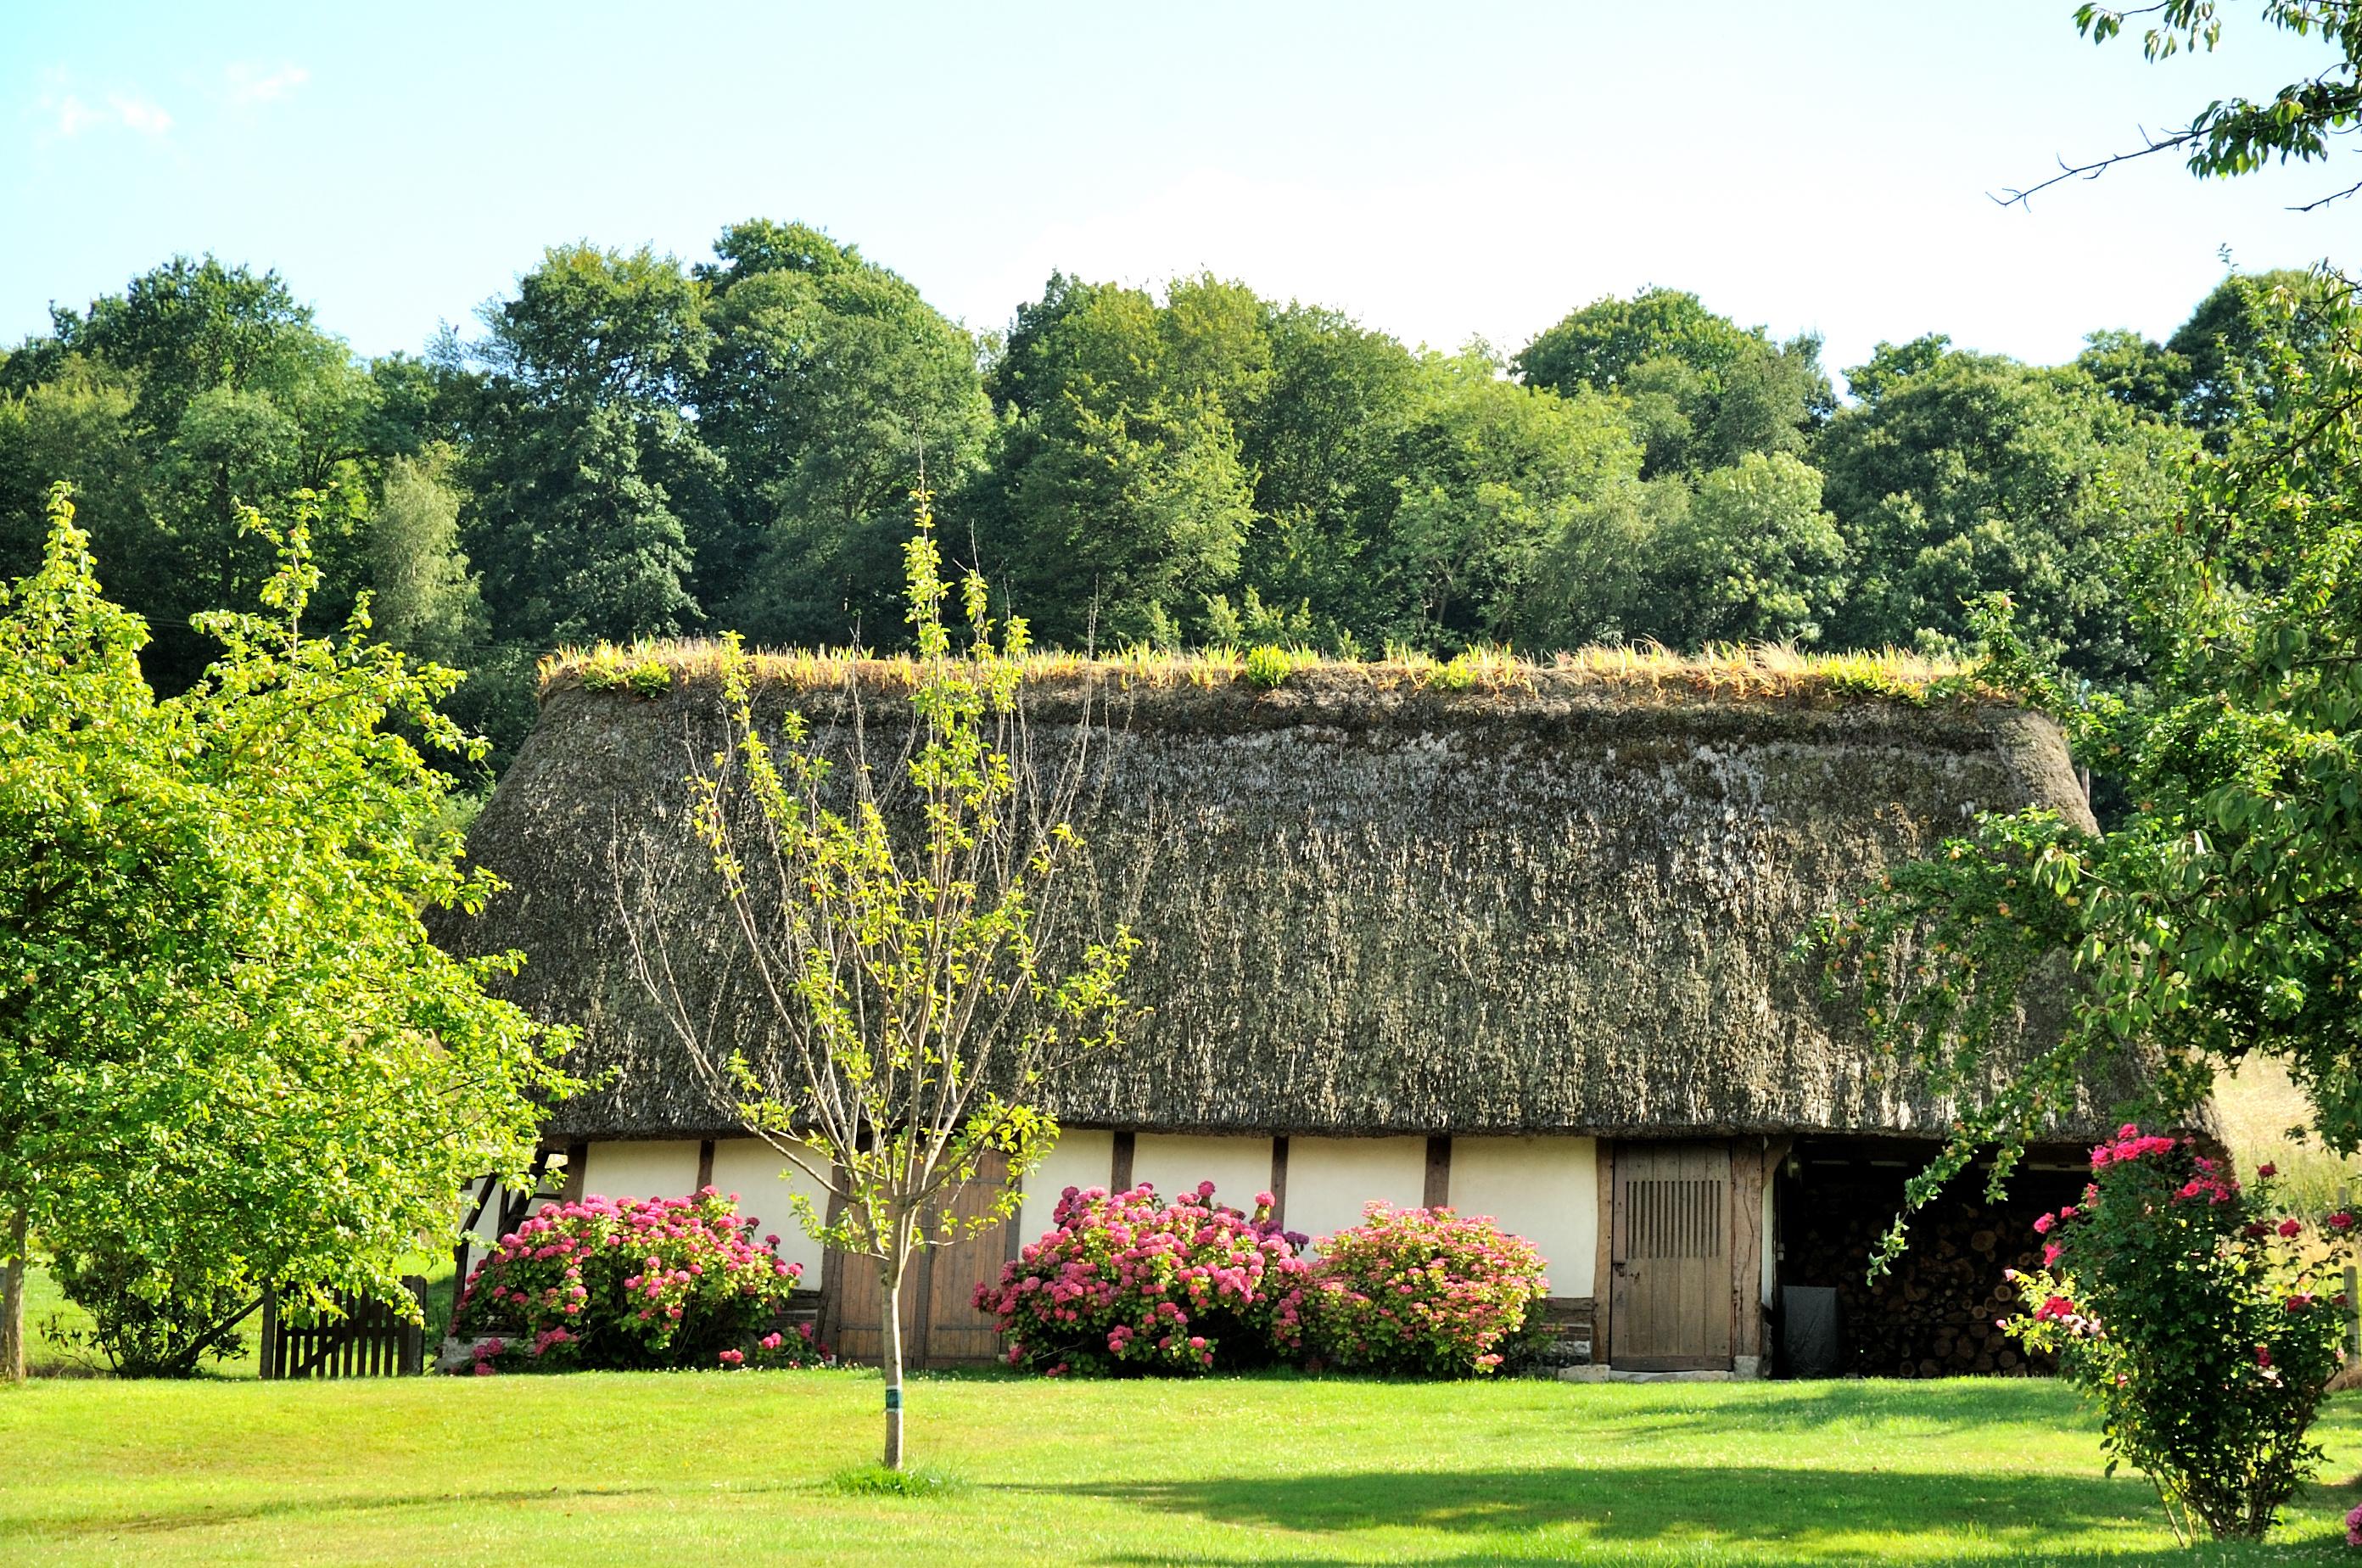 Maison Normande – Chaumiere